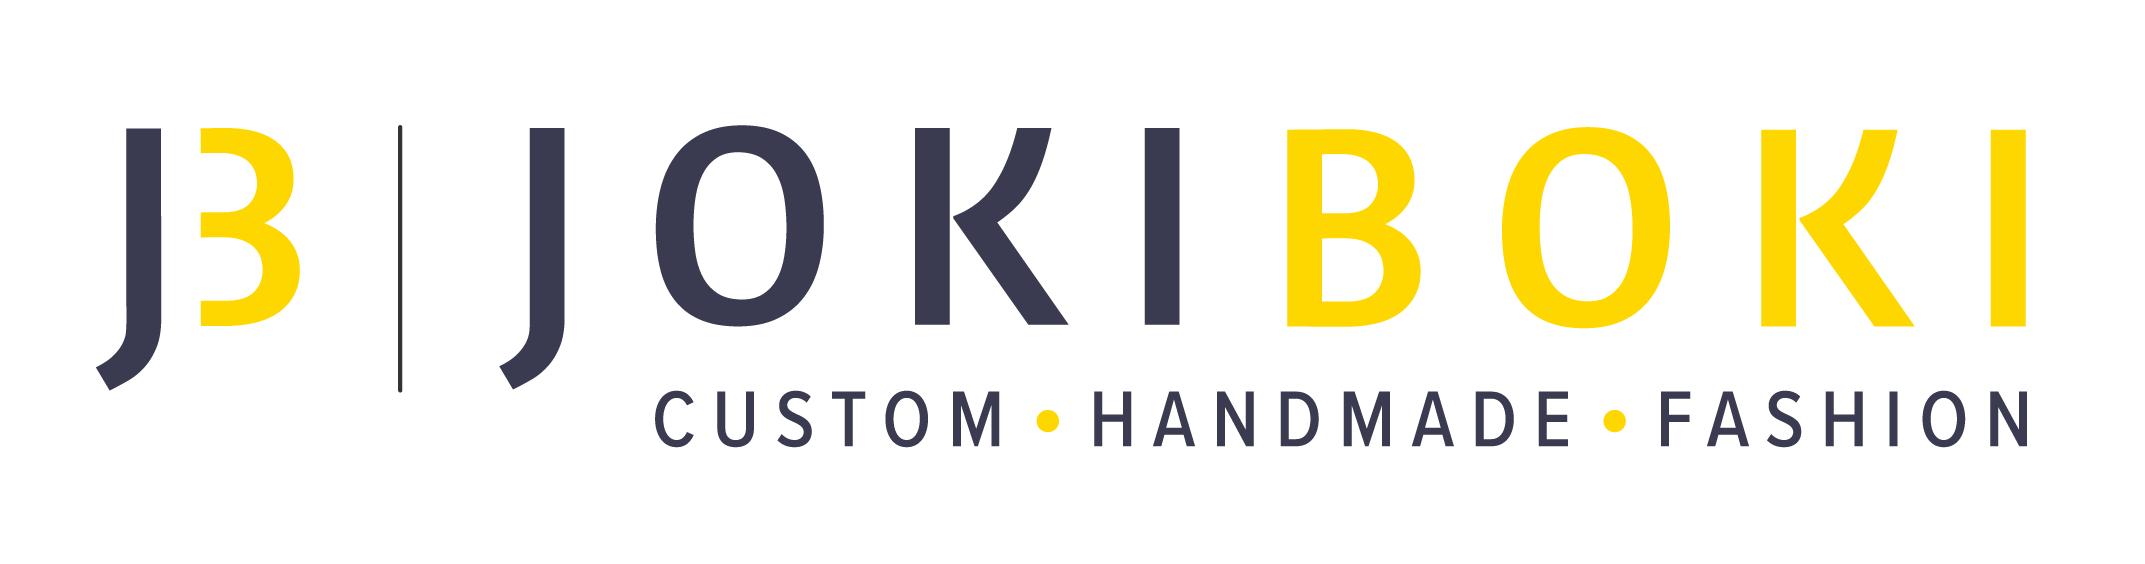 jokiboki_Sublogofinal-07.png